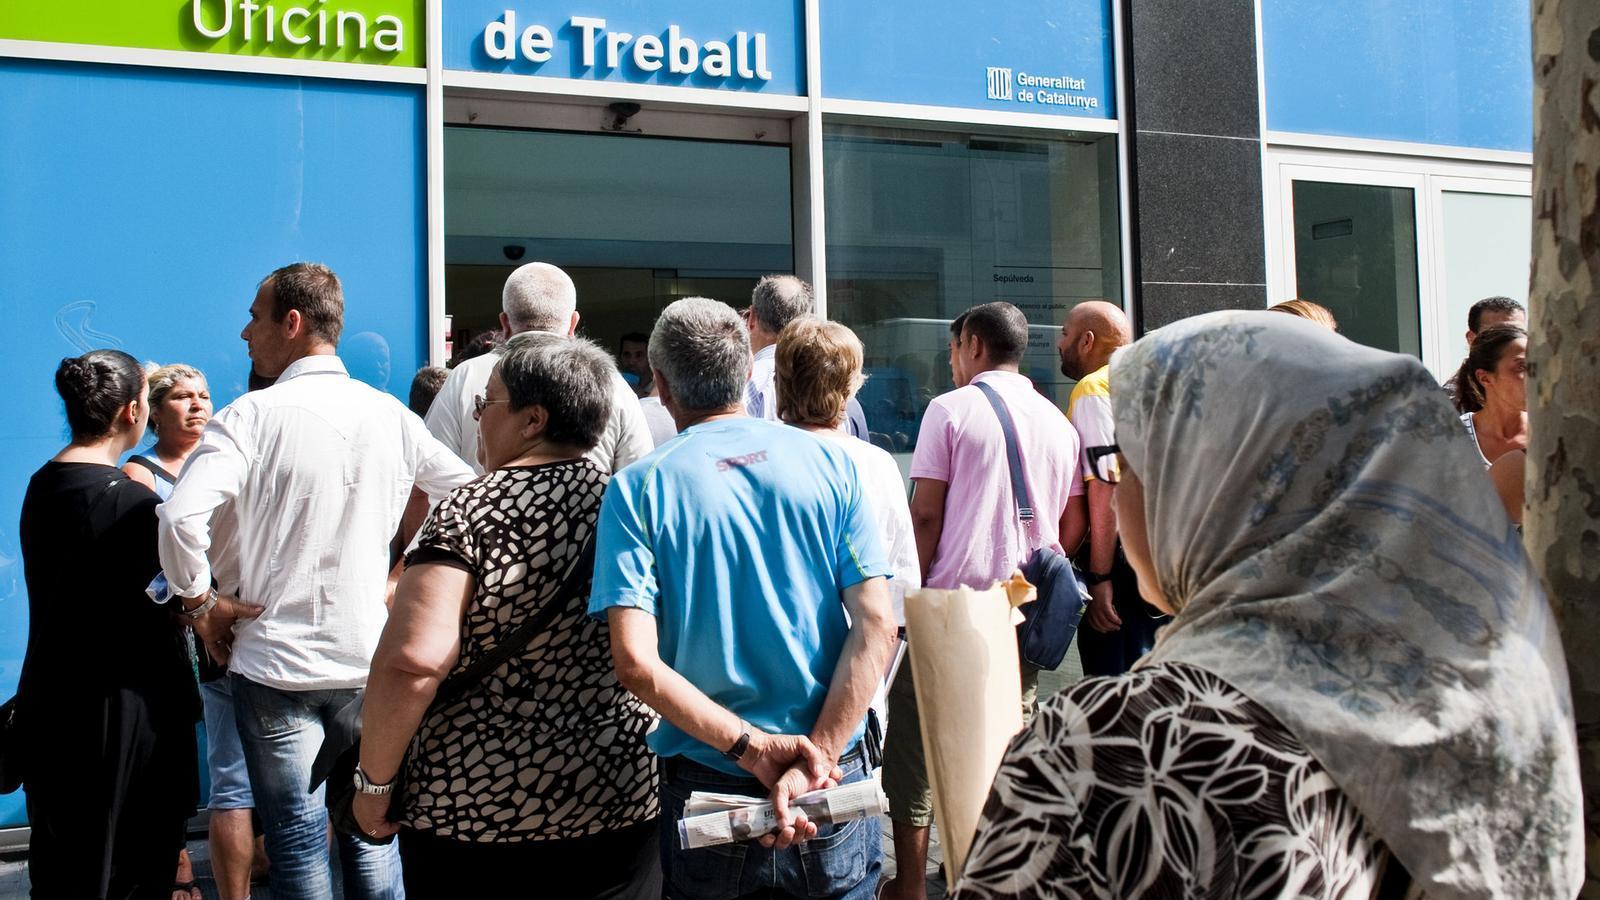 TREBALLADORS A L'ATUR, FAMÍLIES EN CRISI  Tot i que durant els últims dos mesos l'atur s'ha reduït per la contractació temporal de l'estiu, les cues de gent davant les oficines de Treball són una imatge cada cop més freqüent. El govern espanyol va anunciar ahir que els aturats sense prestació d'atur rebran, a partir d'ara, 450 euros si tenen almenys dos familiars al seu càrrec.